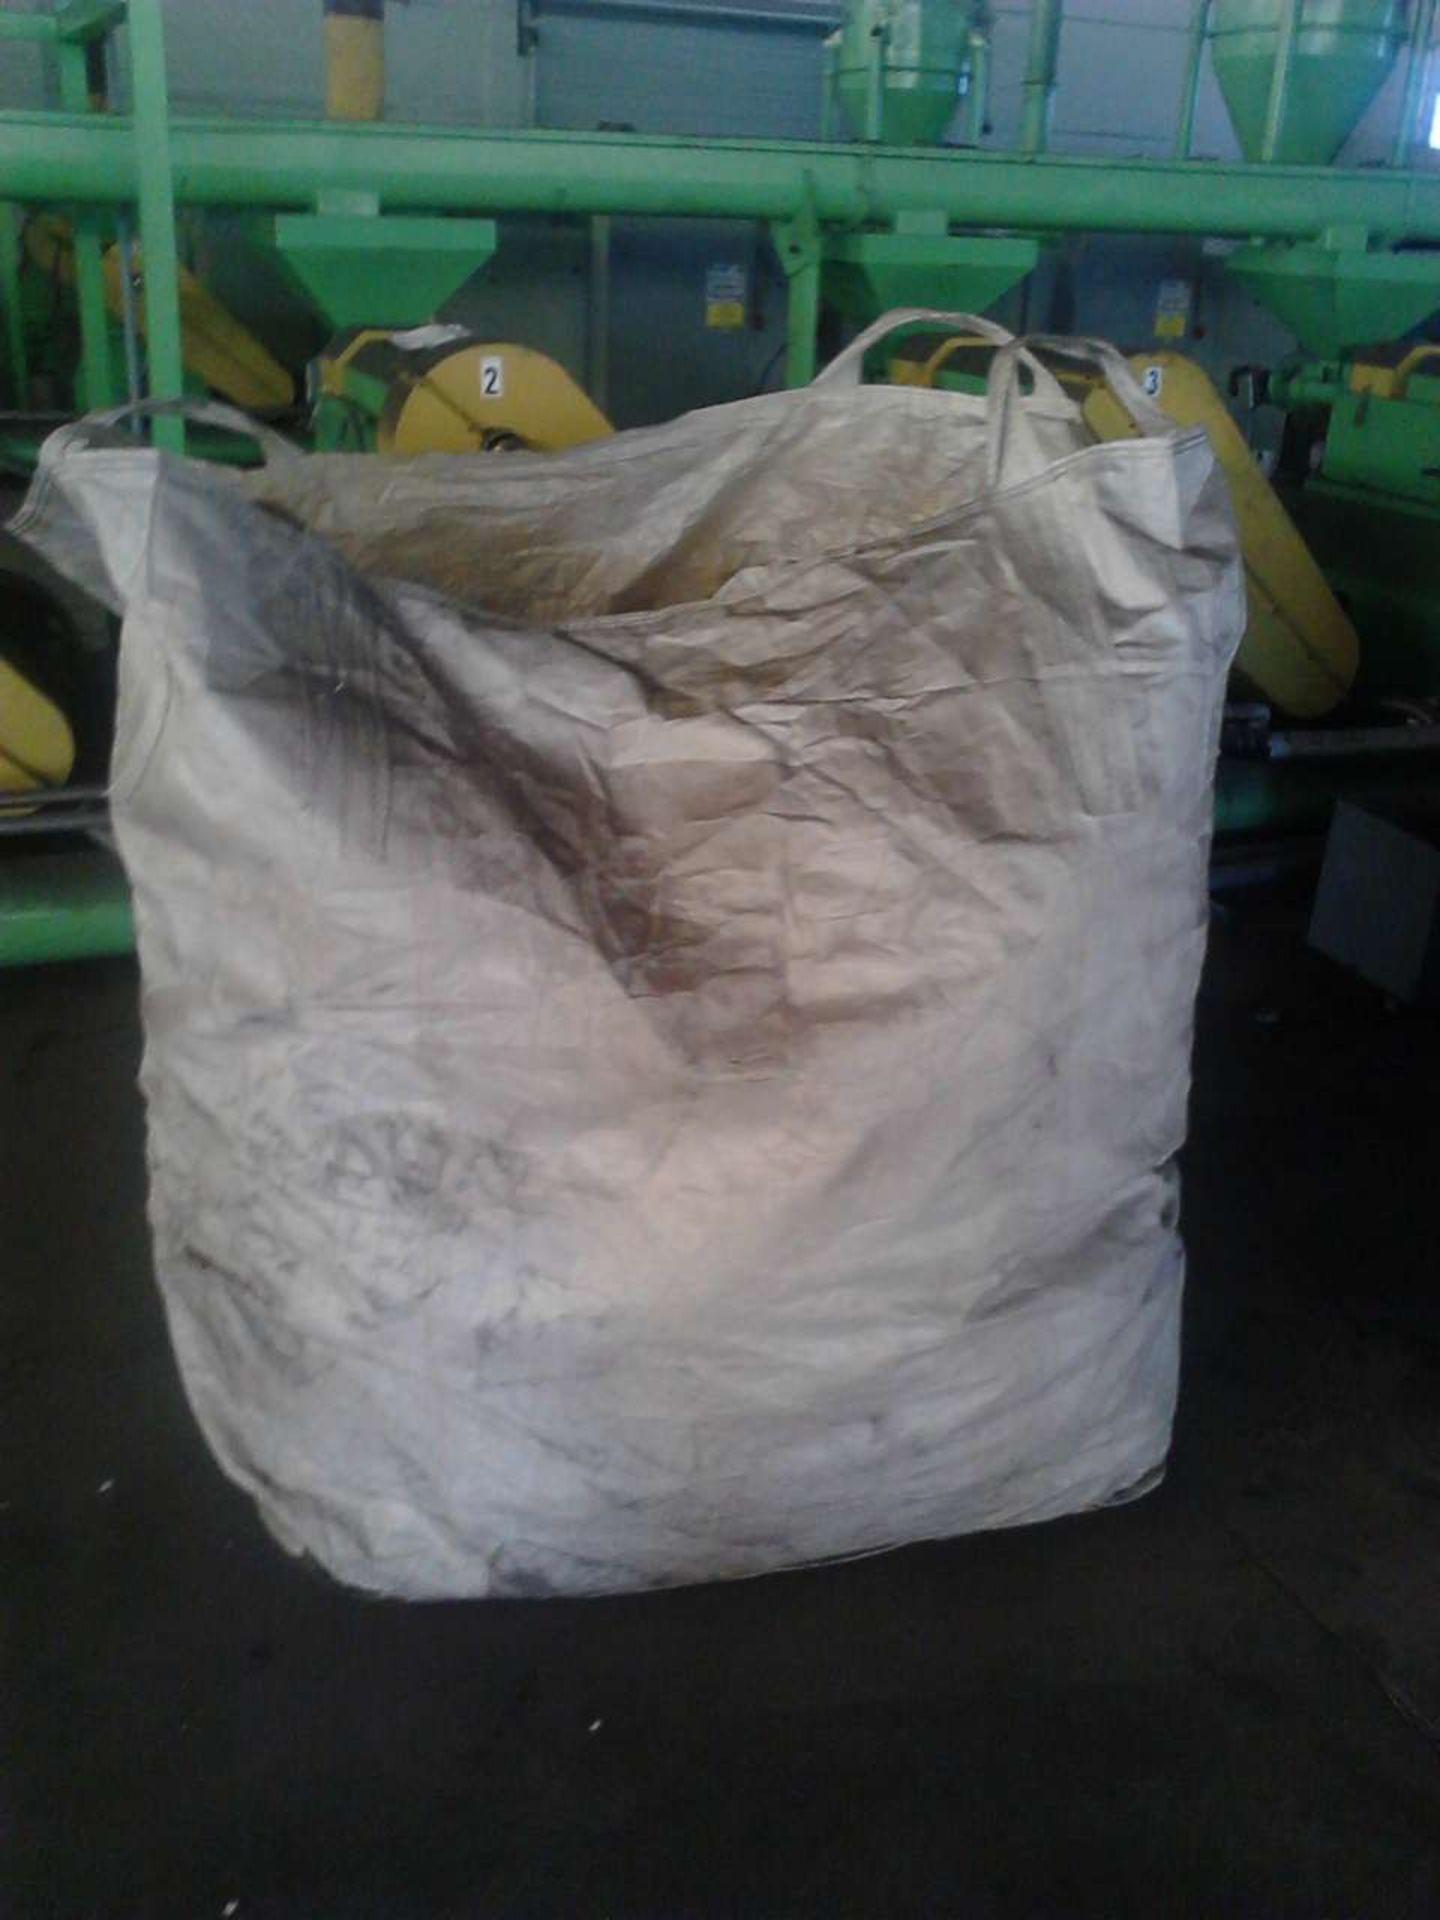 Lot 8 - Lot of Heavy Duty Bags